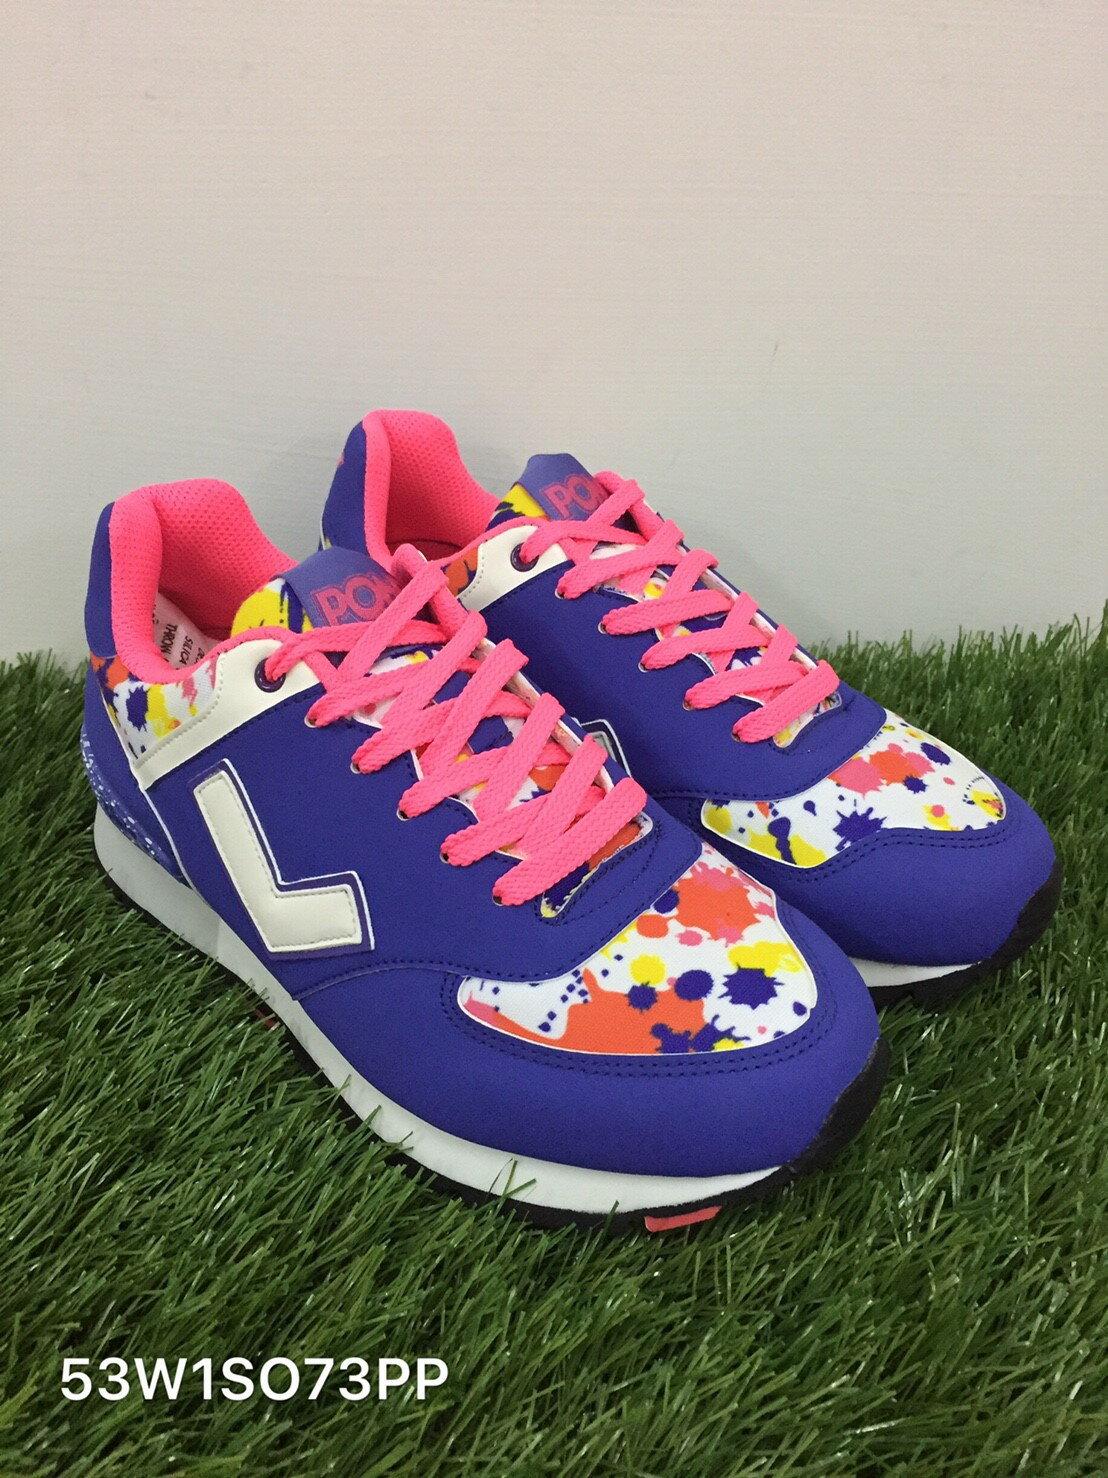 ★限時特價990元★ Shoestw【53W1SO73PP】PONY 復古慢跑鞋 內增高 紫粉色 女生 0